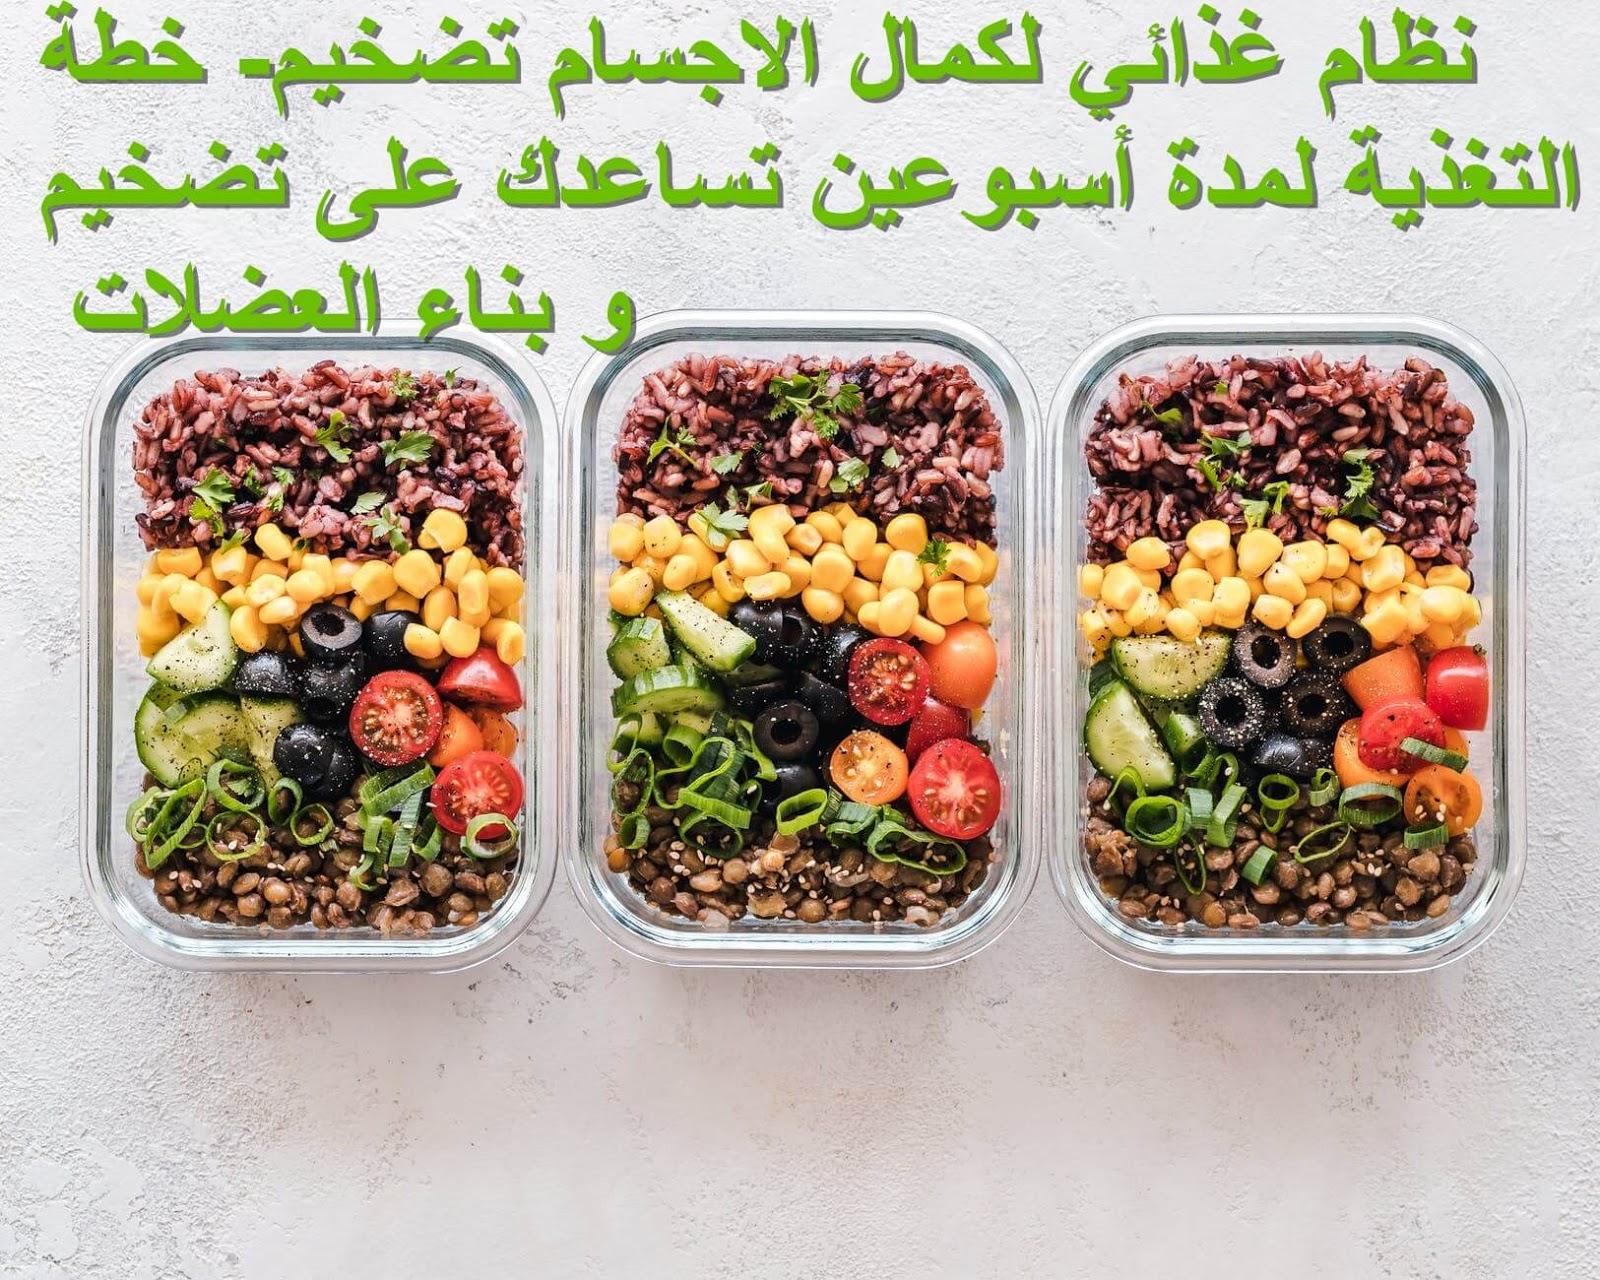 نظام غذائي لكمال الاجسام تضخيم خطة التغذية لمدة أسبوعين تساعدك على تضخيم و بناء العضلات